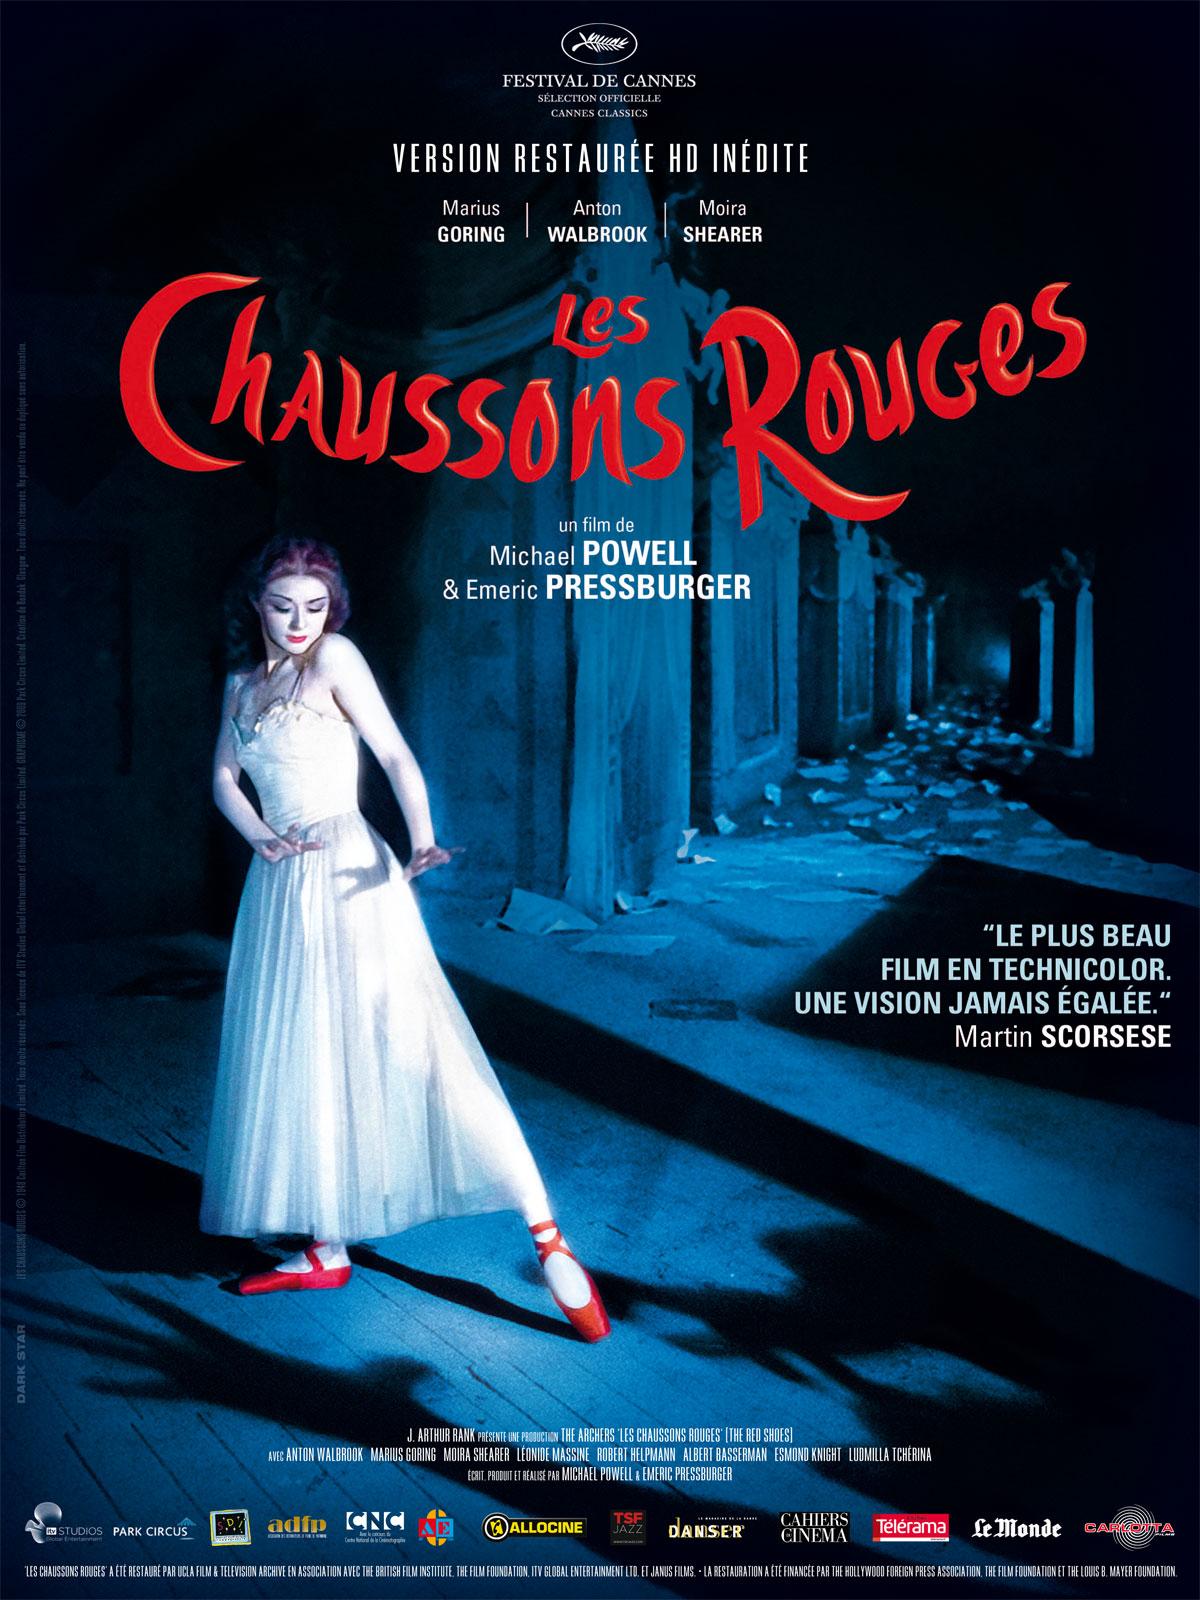 Les plus belles affiches de cinéma - Page 2 Les-chaussons-rouges-affiche